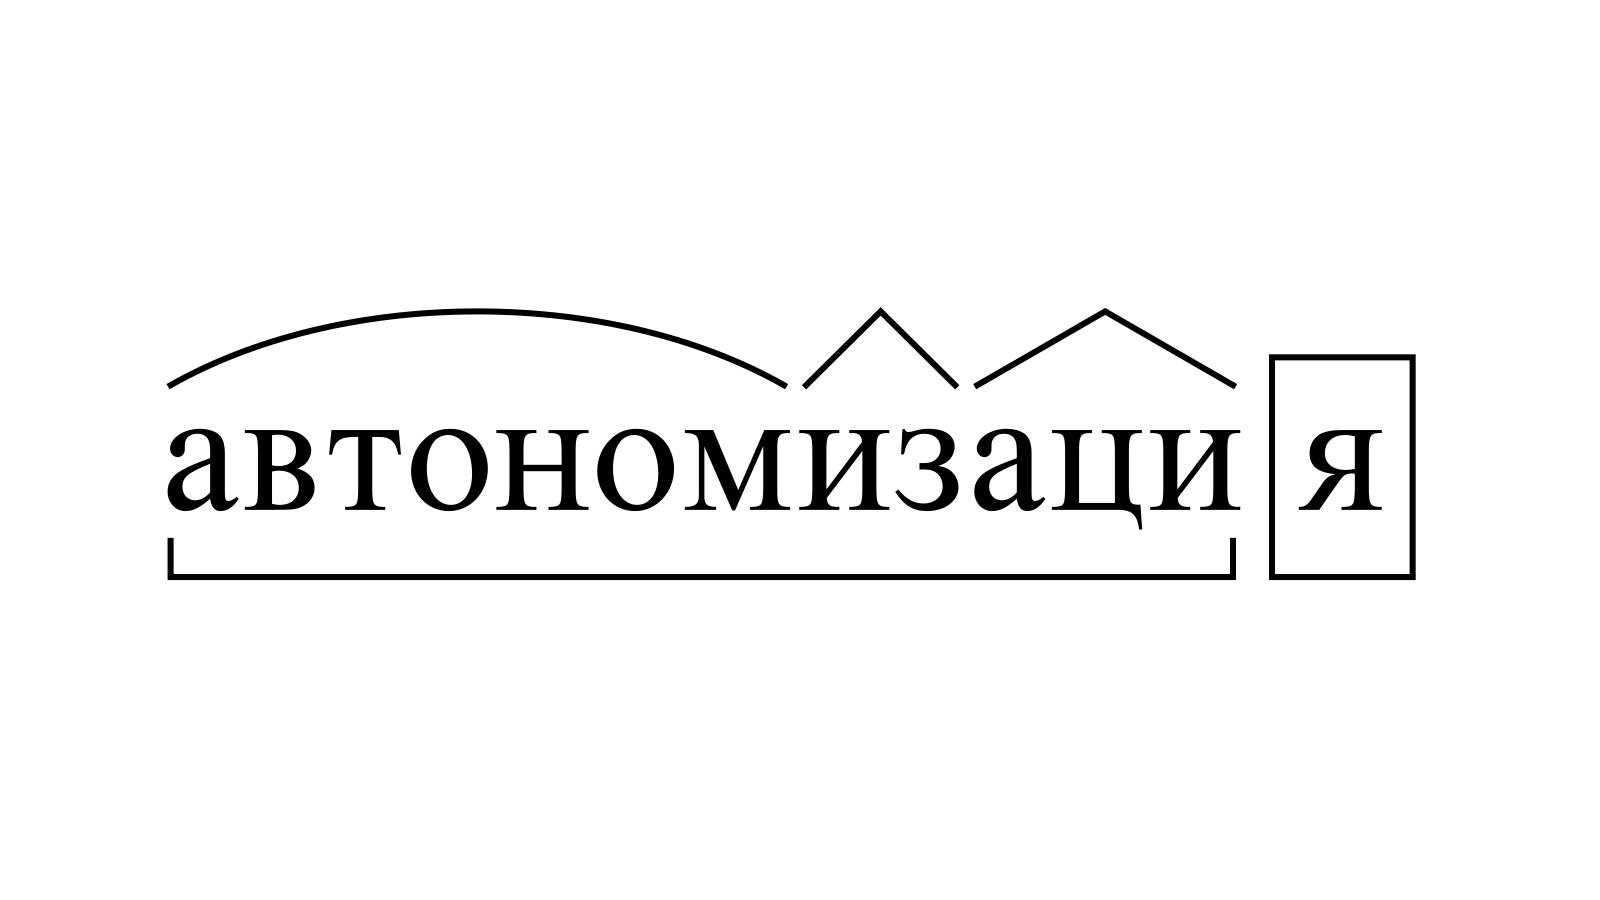 Разбор слова «автономизация» по составу